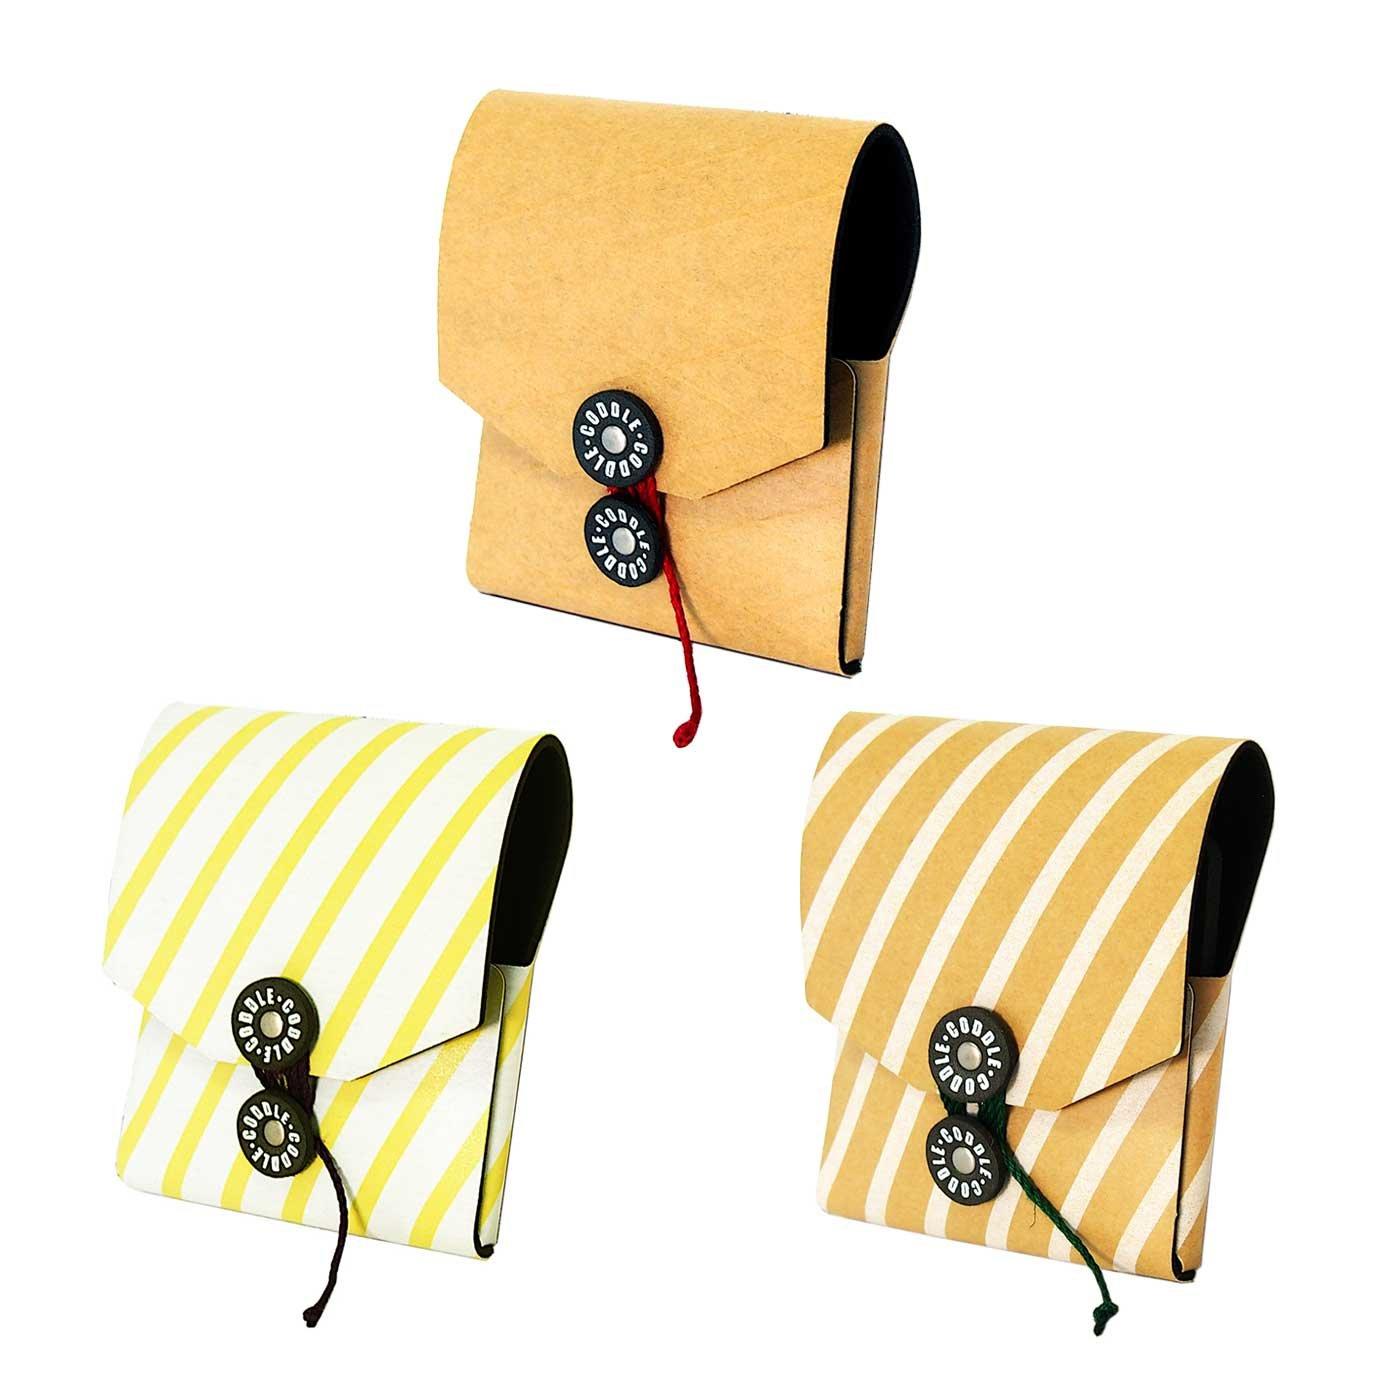 CODDLE+PAPER クラッシックな封筒風のアクセサリーケース